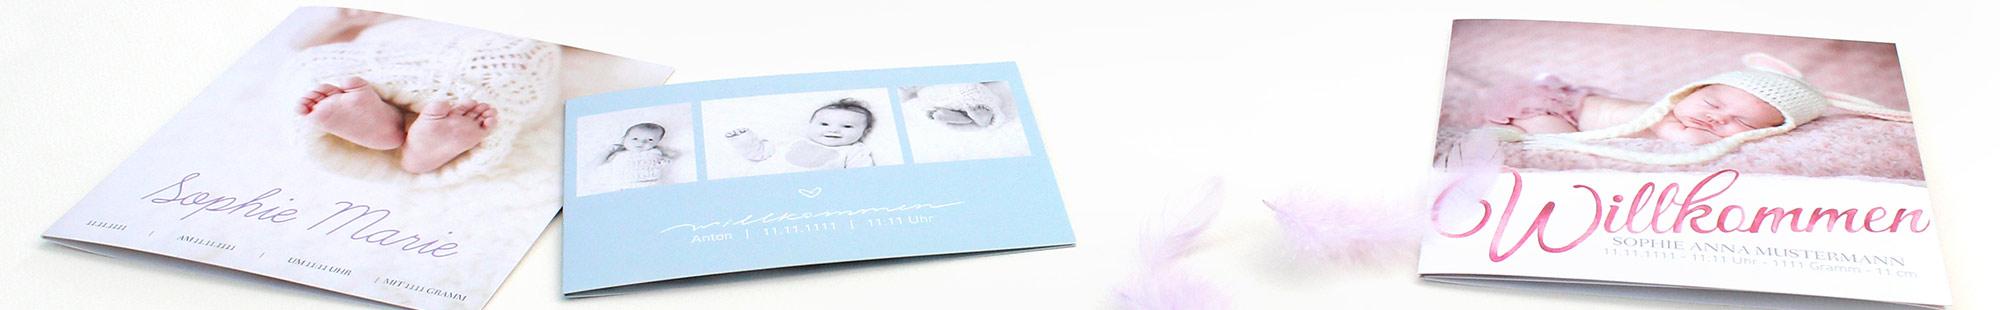 Süße Geburtskarten online gestalten und drucken